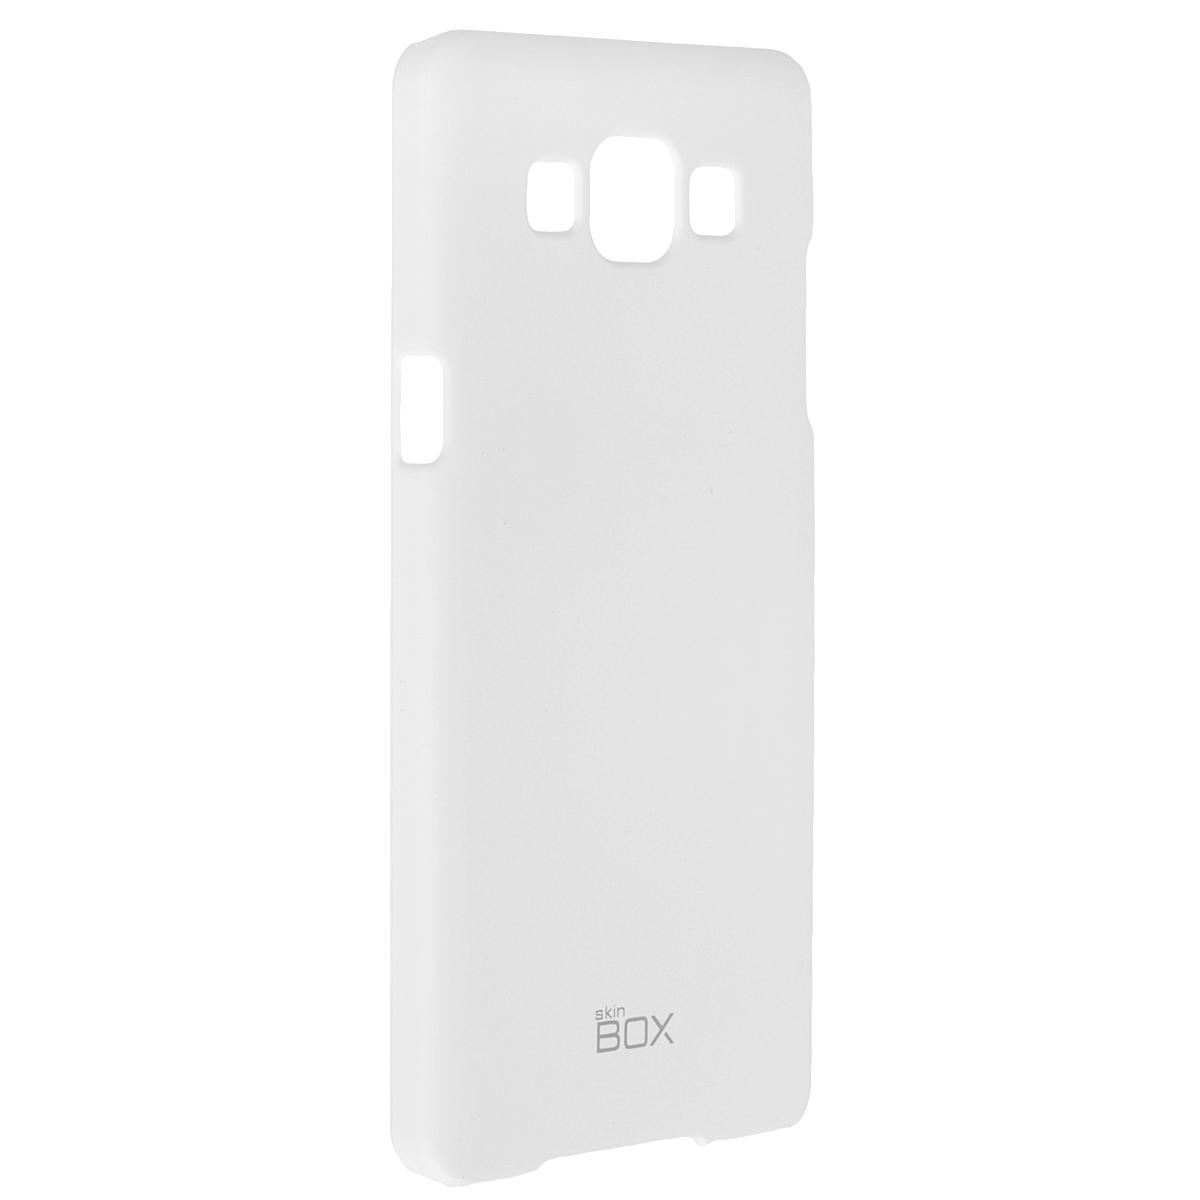 Skinbox Shield 4People чехол для Samsung Galaxy A5, WhiteT-S-SGA500-002Чехол Skinbox Shield 4People для Samsung Galaxy A5 предназначен для защиты корпуса смартфона от механических повреждений и царапин в процессе эксплуатации. Имеется свободный доступ ко всем разъемам и кнопкам устройства. В комплект также входит защитная пленка на экран телефона.